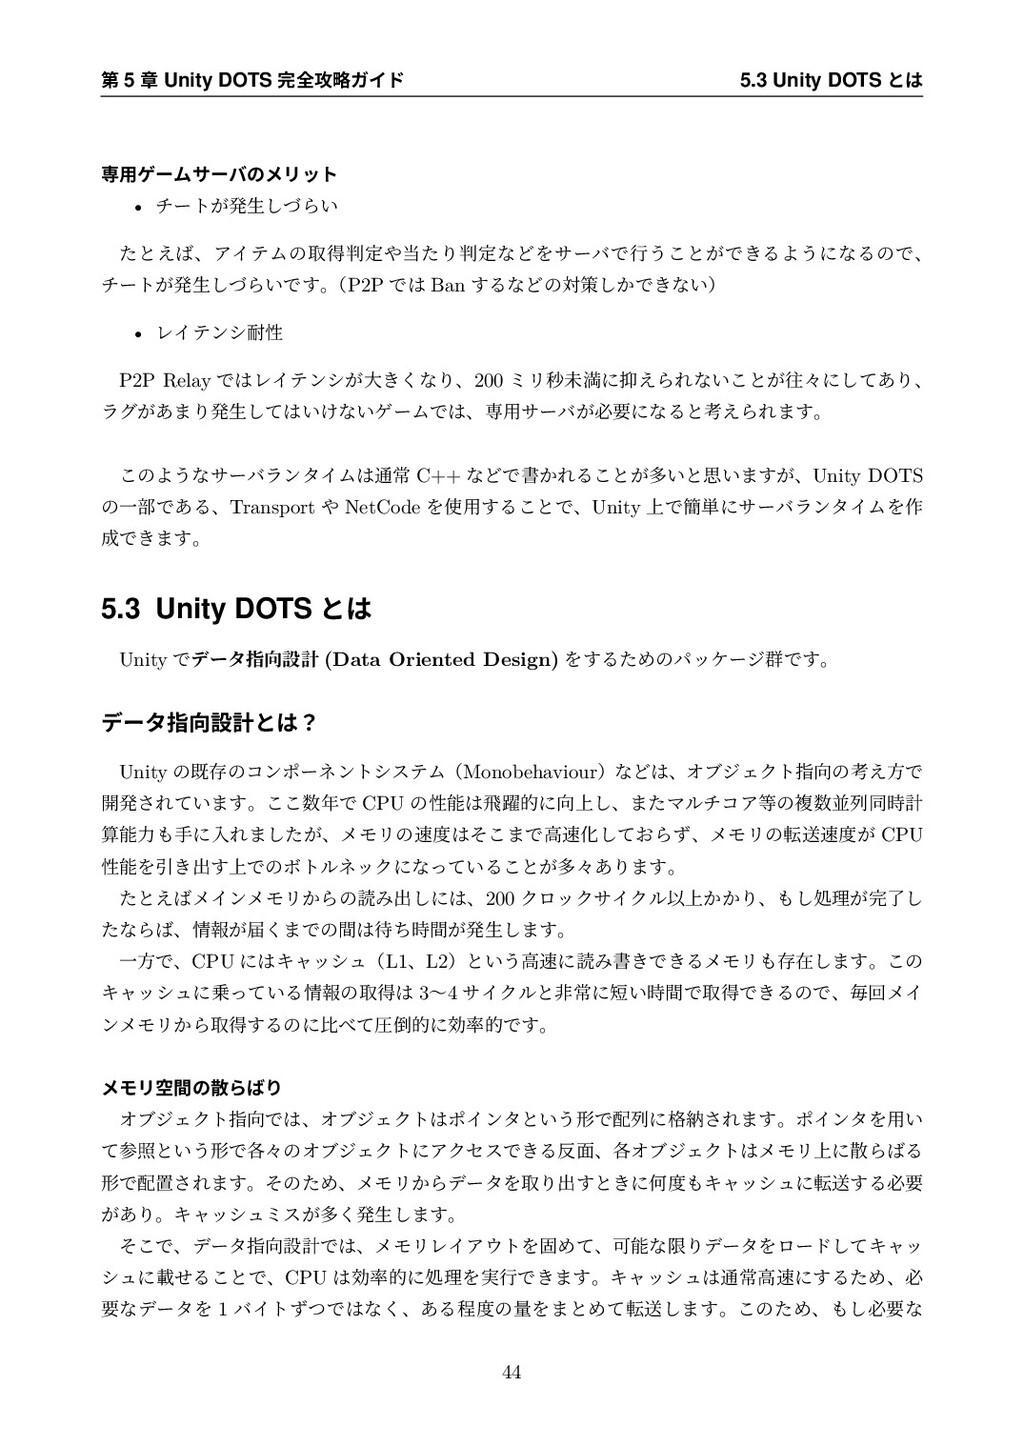 ୈ 5 ষ Unity DOTS શ߈ུΨΠυ 5.3 Unity DOTS ͱ ઐ༻ήʔ...